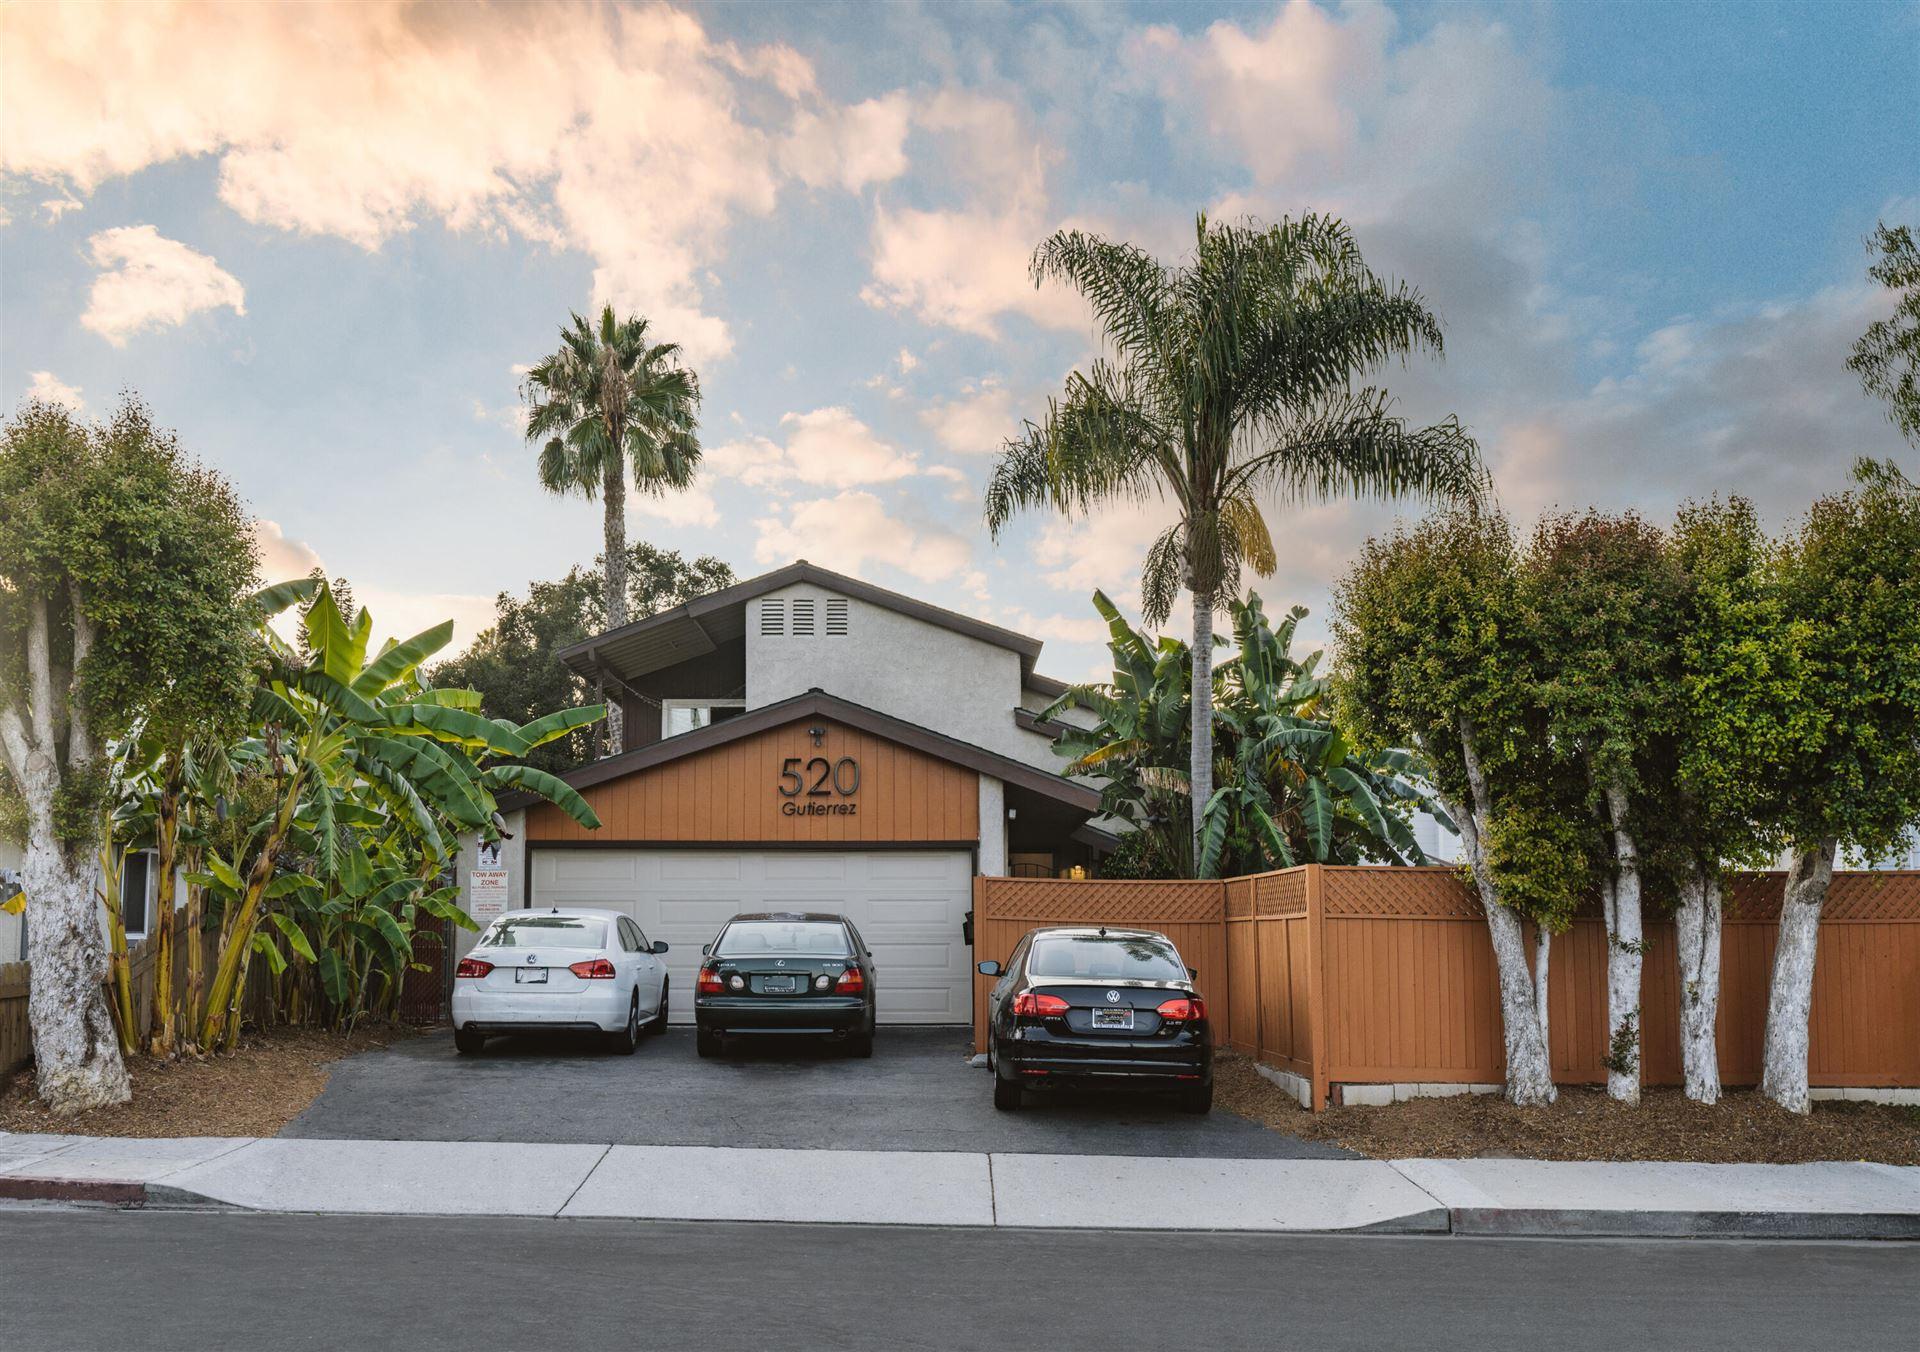 520 W Gutierrez St, Santa Barbara, CA 93101 - MLS#: 21-3181